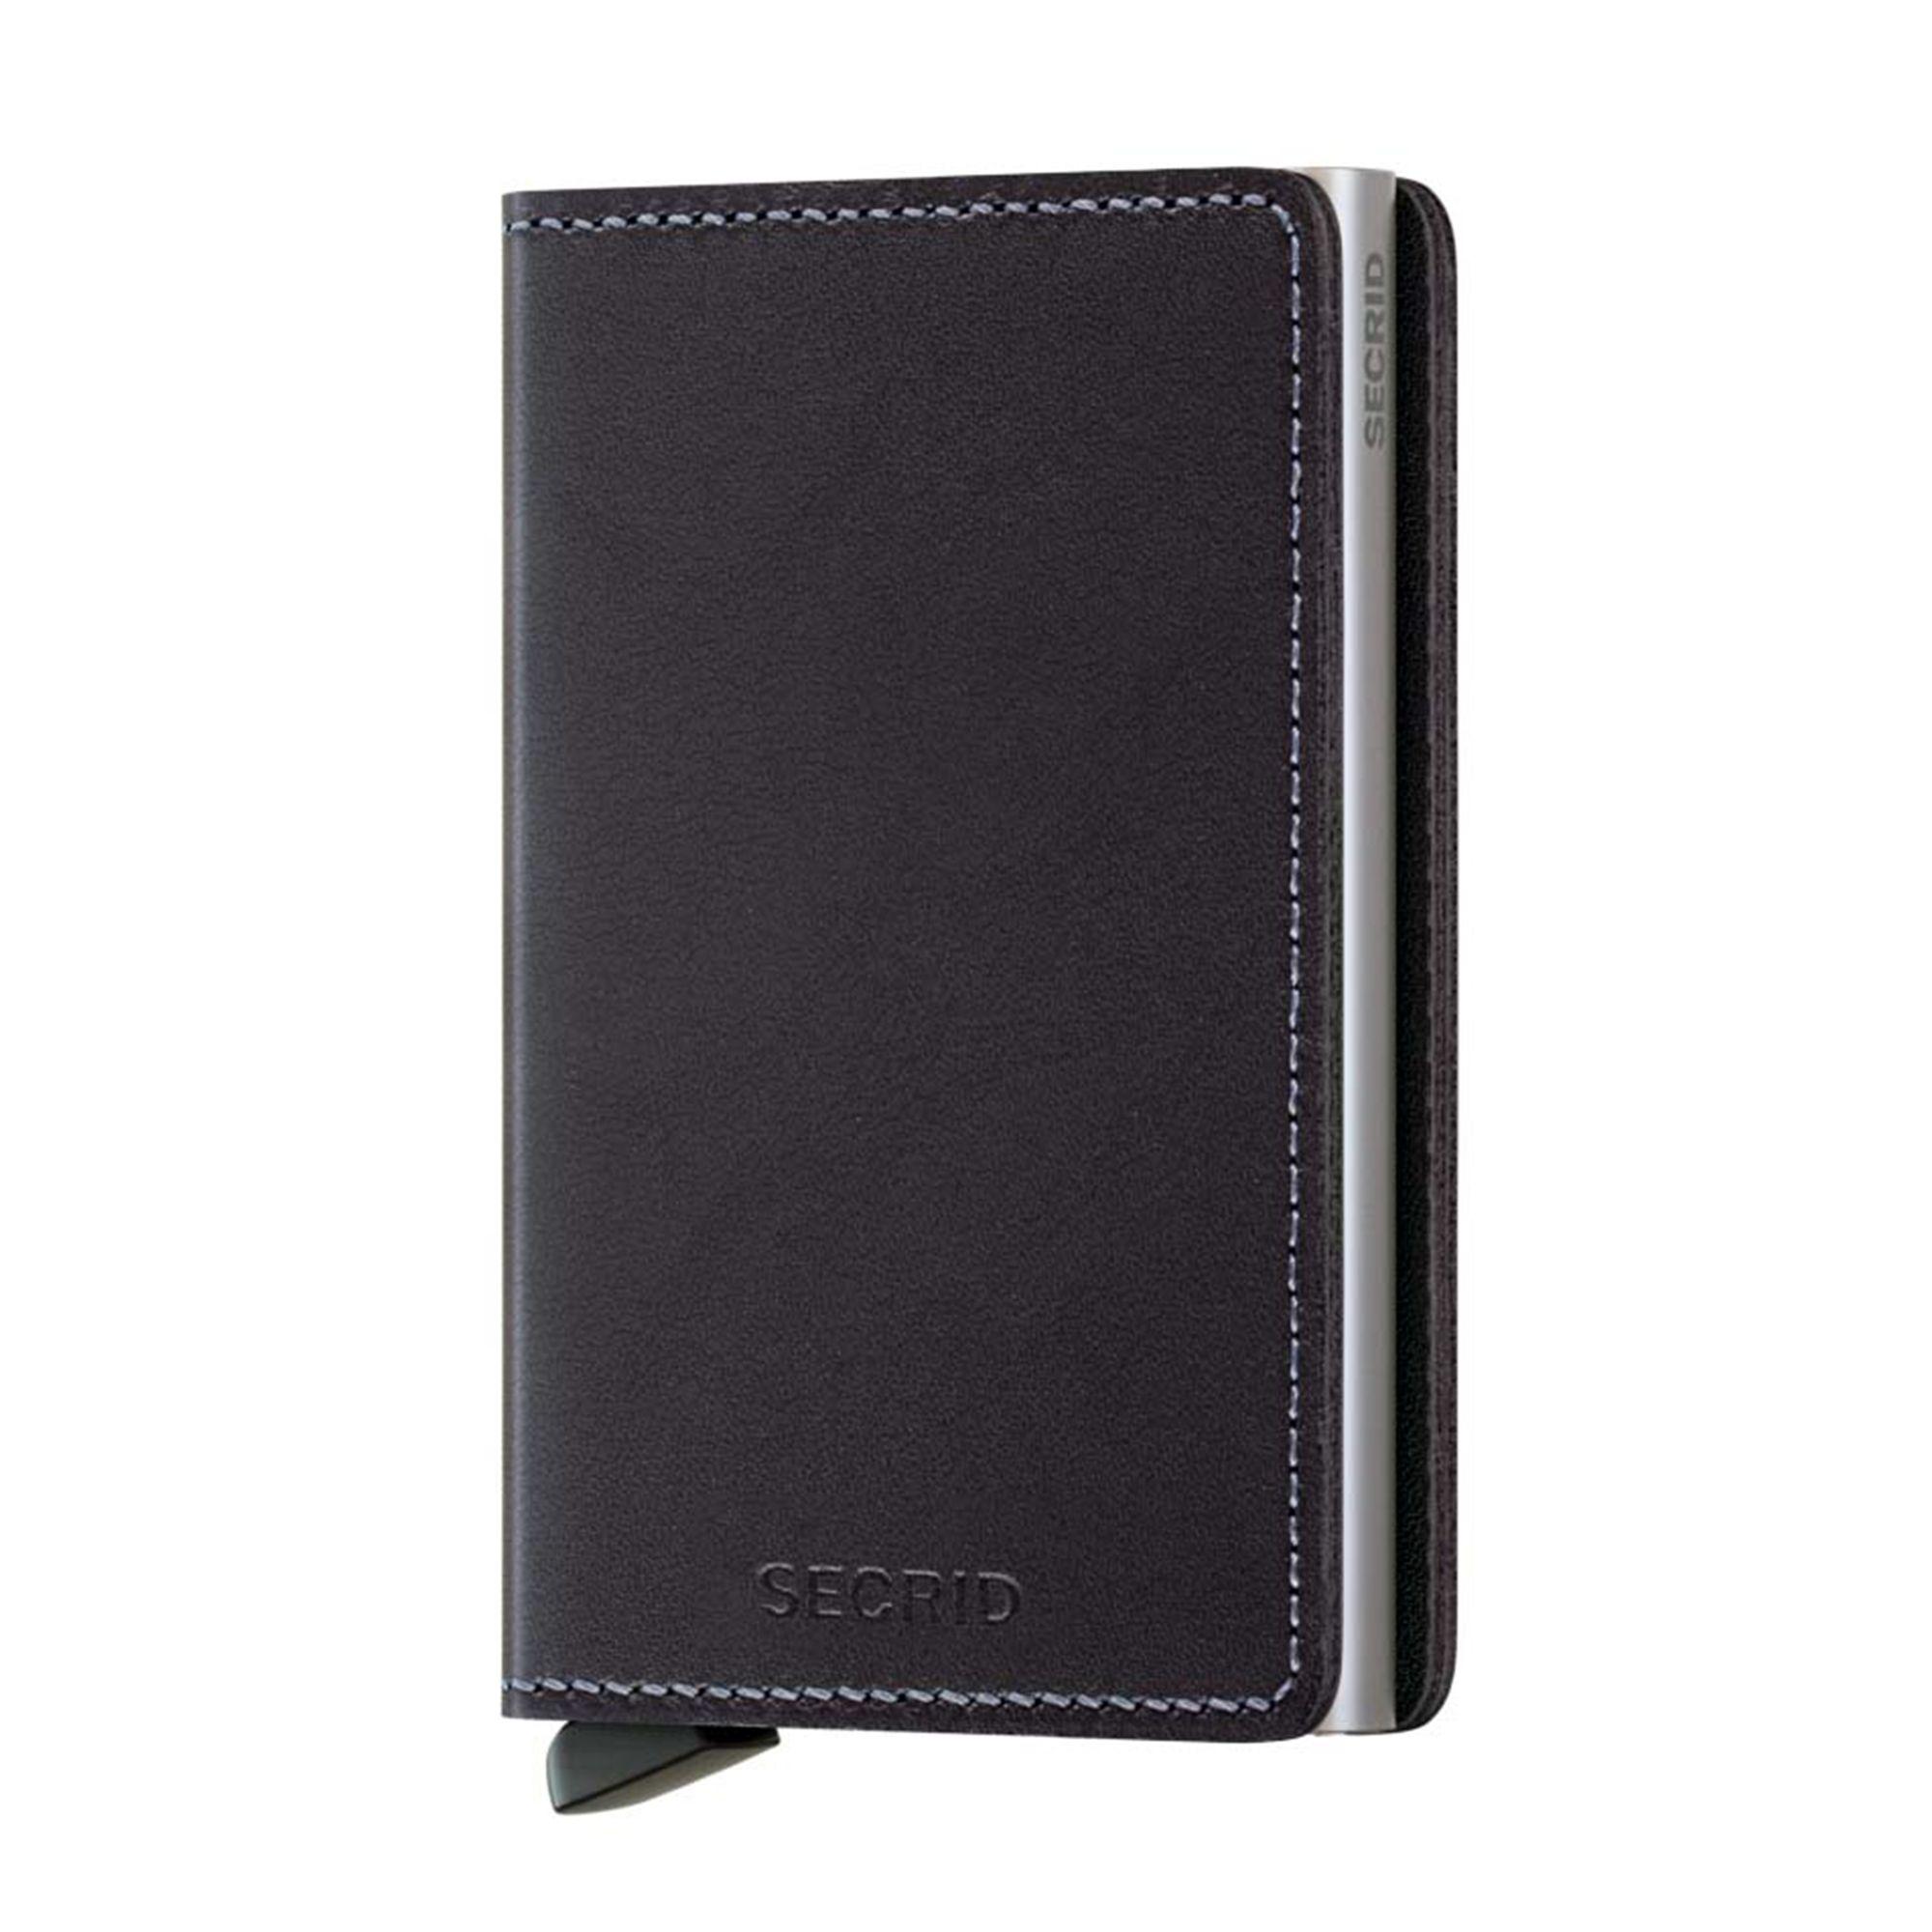 Secrid Slimwallet liten plånbok i skinn och metall, Svart